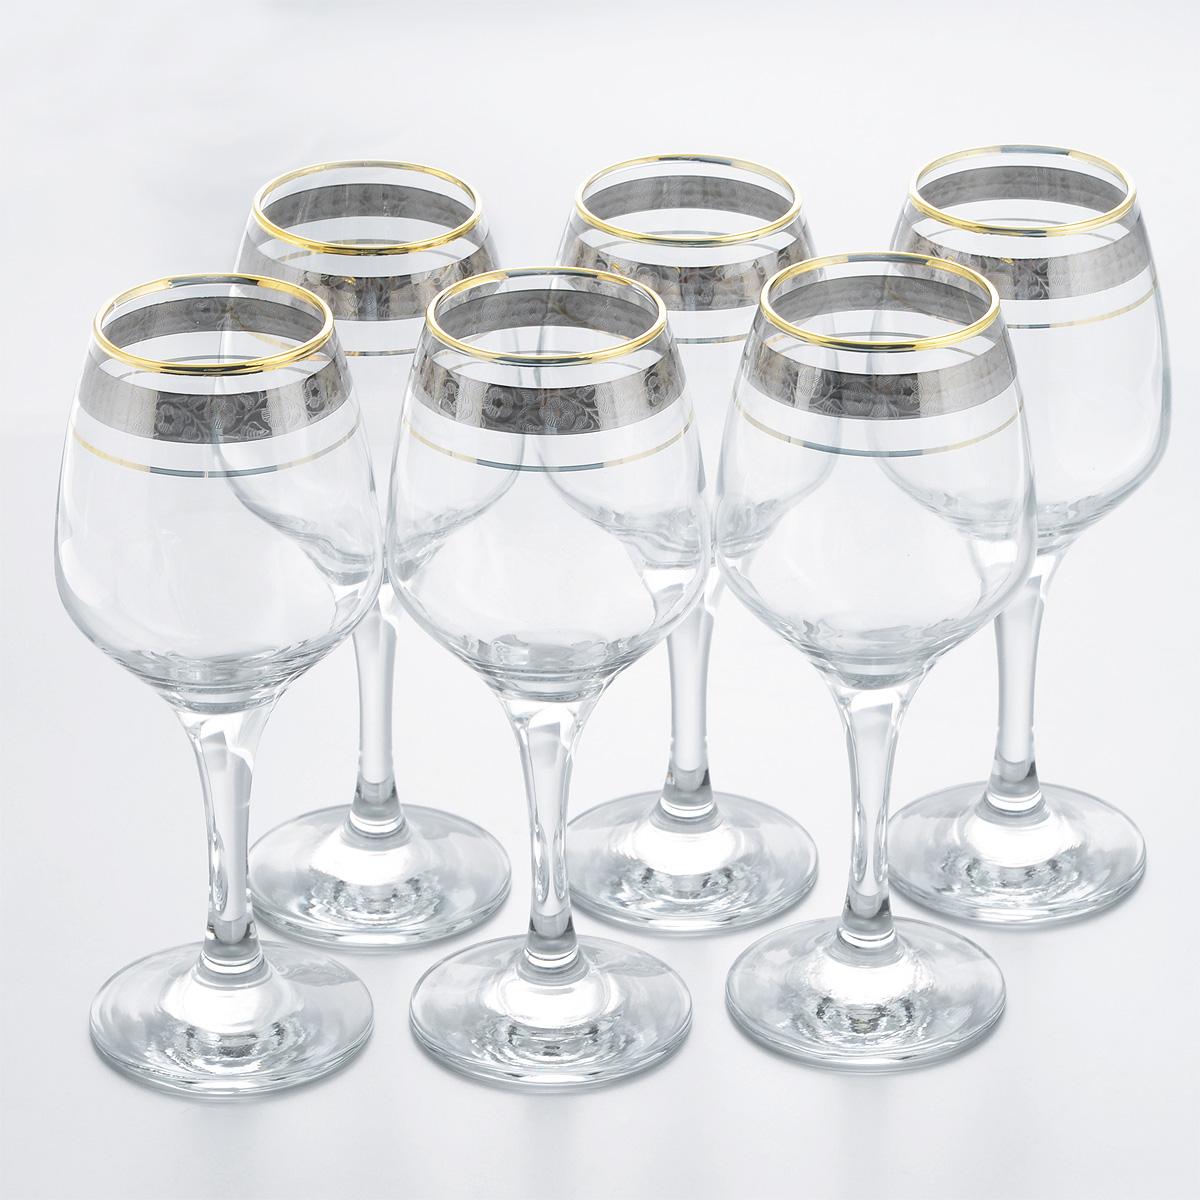 Набор фужеров Гусь Хрустальный Изабелла. Флорис, 375 мл, 6 штTL32-4171Набор Гусь Хрустальный Изабелла. Флорис состоит из шести фужеров, выполненных из прочного натрий-кальций-силикатного стекла и предназначенных для подачи игристых вин. Изящные фужеры на высоких ножках, декорированные золотистым орнаментом и окантовкой, излучают приятный блеск и издают мелодичный звон. Сочетают в себе элегантный дизайн и функциональность. Набор фужеров Гусь Хрустальный Изабелла. Флорис прекрасно оформит праздничный стол и создаст приятную атмосферу за романтическим ужином. Такой набор также станет хорошим подарком к любому случаю. Можно мыть в посудомоечной машине или вручную с использованием моющих средств, не содержащих абразивных материалов.Диаметр фужера (по верхнему краю): 6 см. Высота фужера: 20 см. Диаметр основания фужера: 7,5 см.